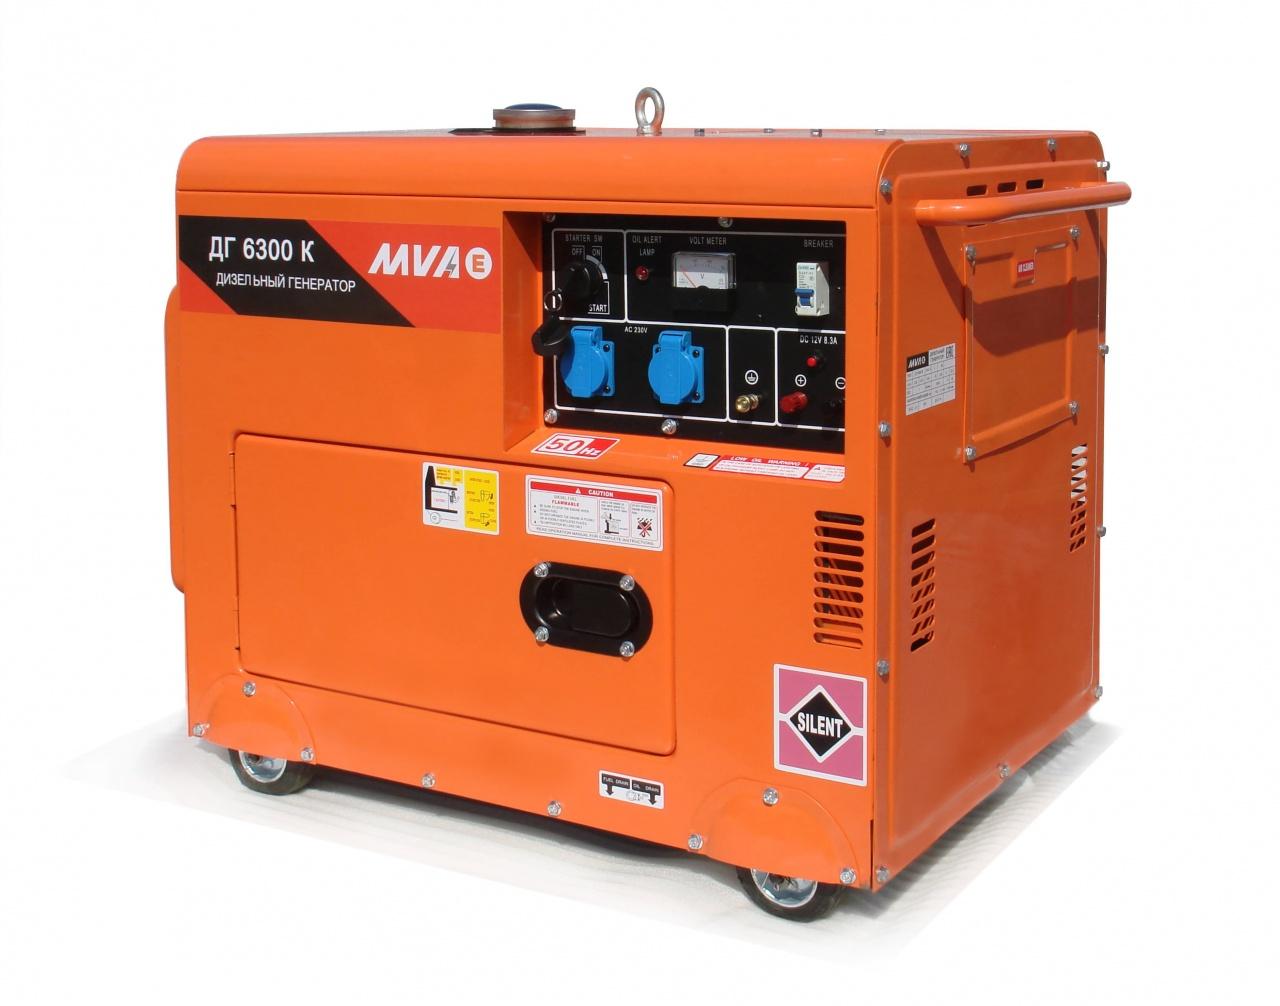 дизельная электростанция mvae дг 6300 к